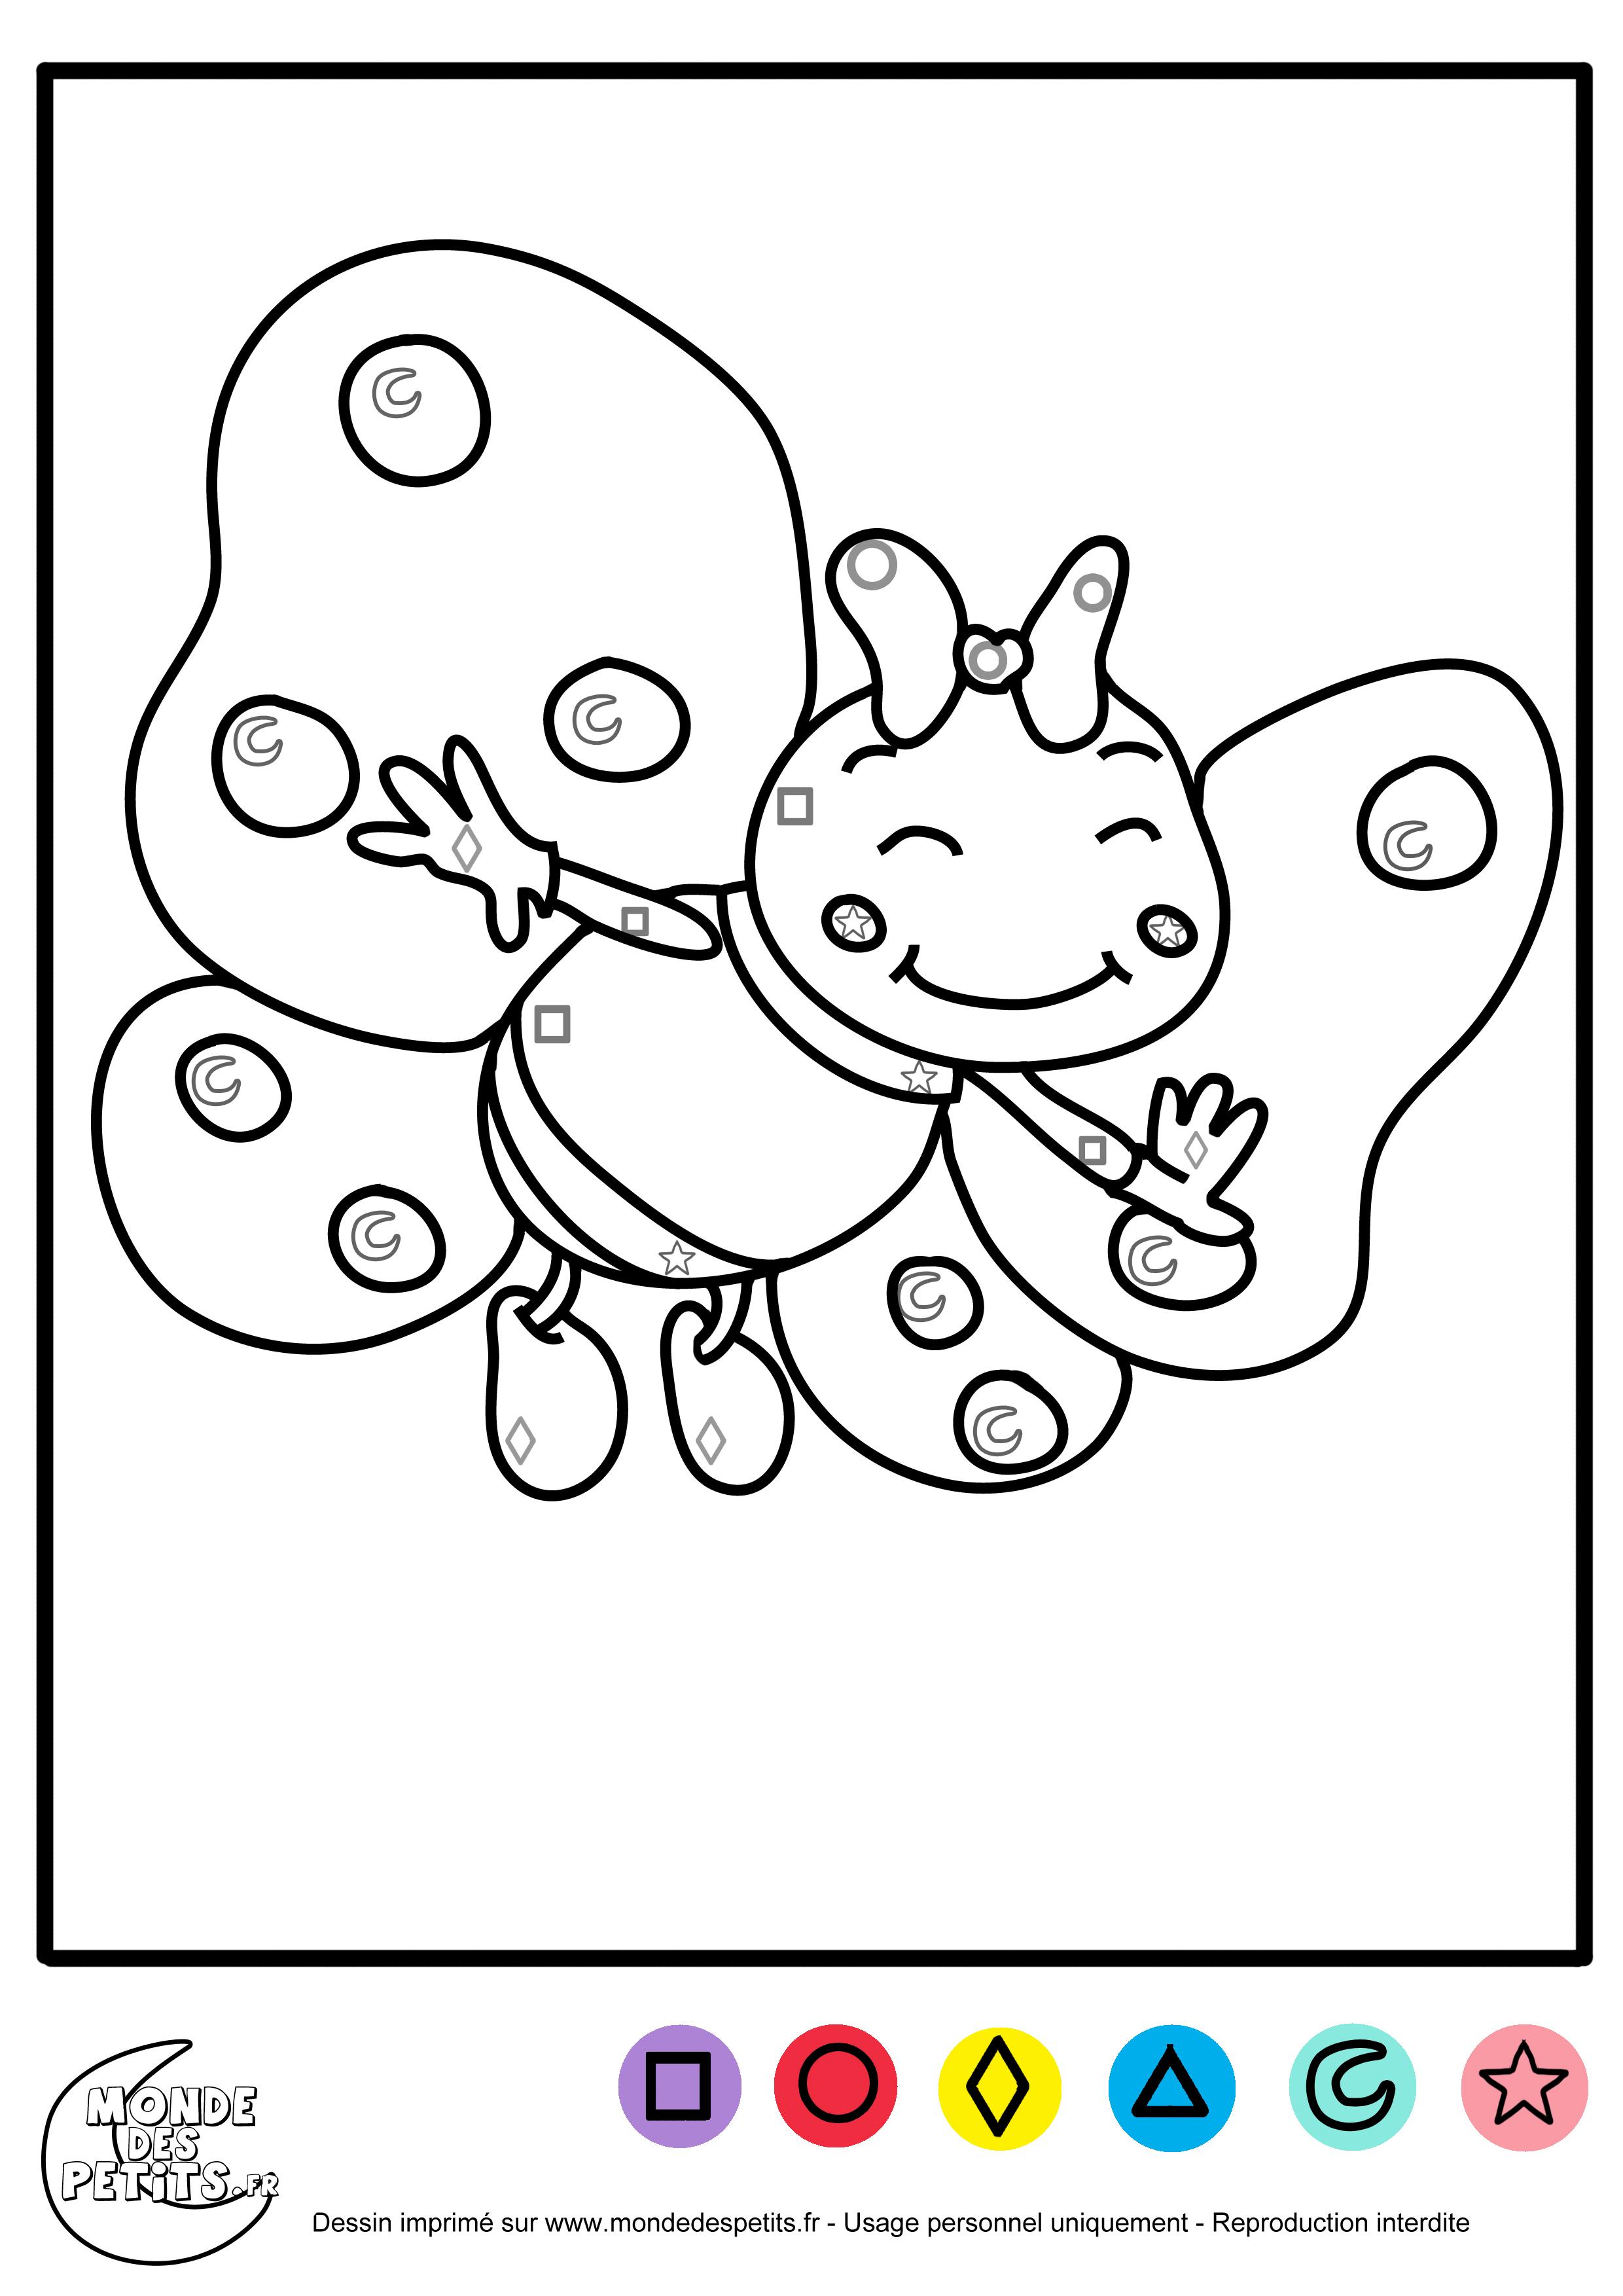 Monde des petits coloriages imprimer - Coloriage magique ps maternelle ...